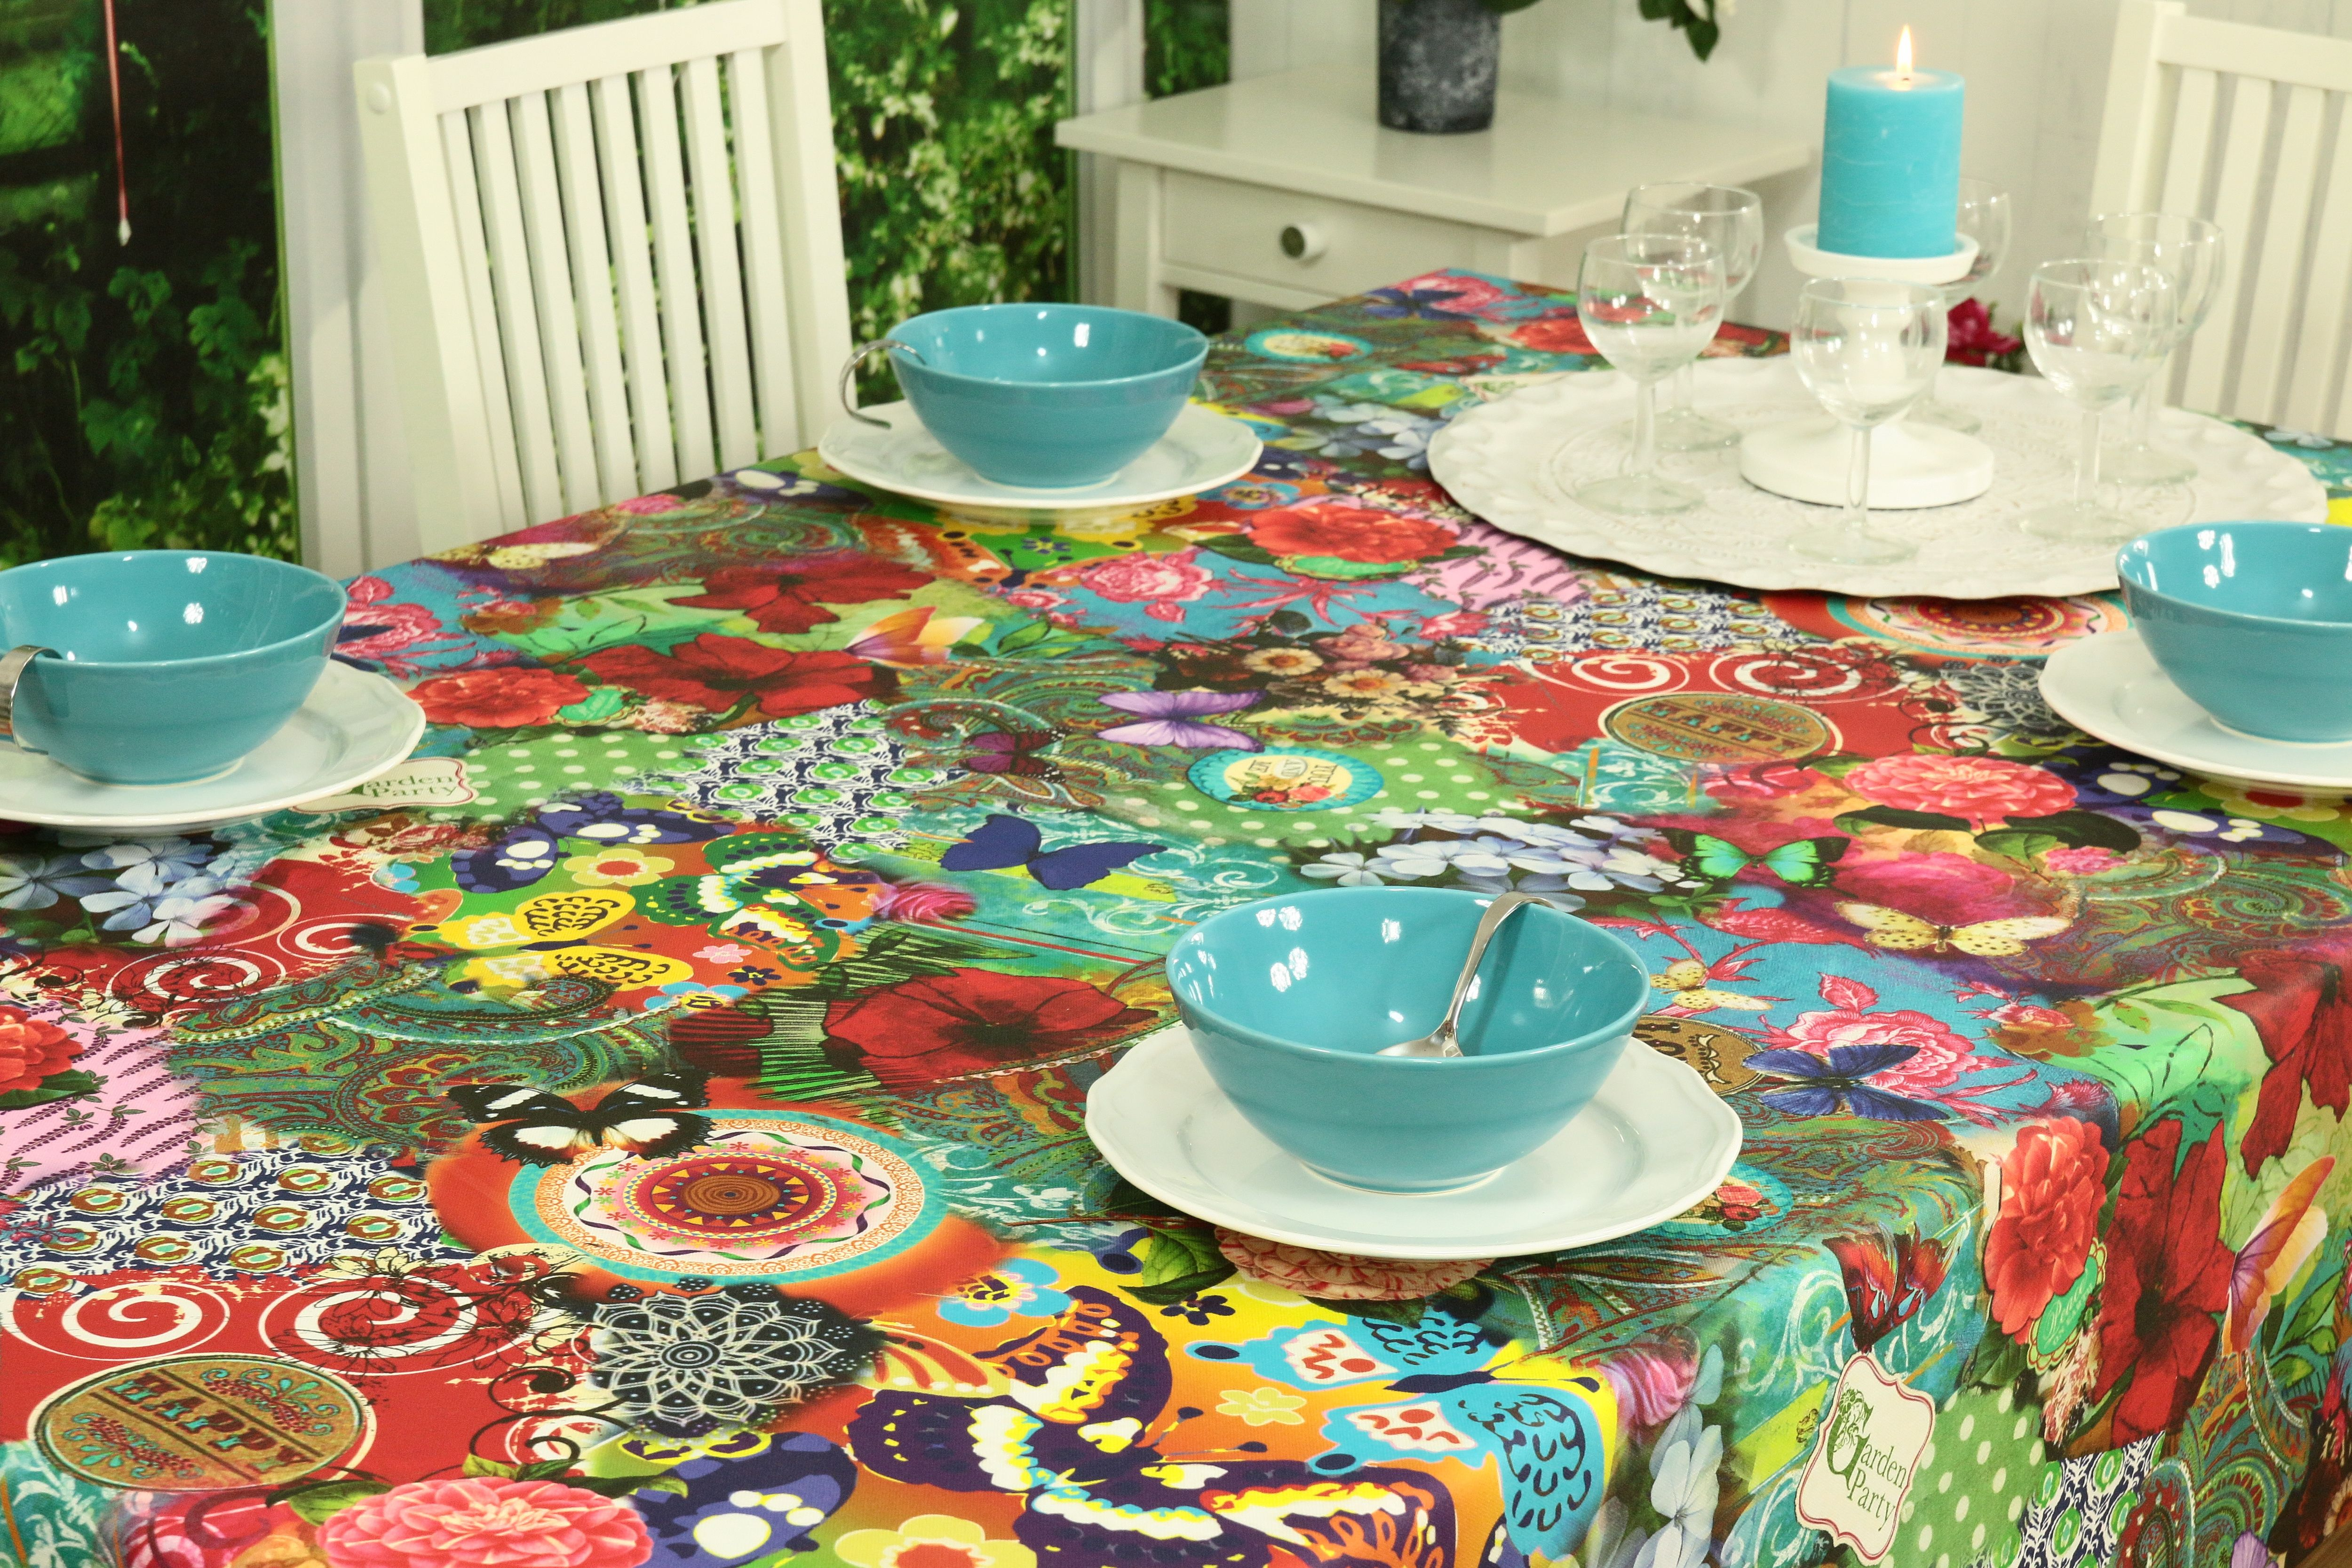 sehr bunte tischdecke mit anti schmutz effekt das farbenfrohe muster bringt freude an den tisch. Black Bedroom Furniture Sets. Home Design Ideas